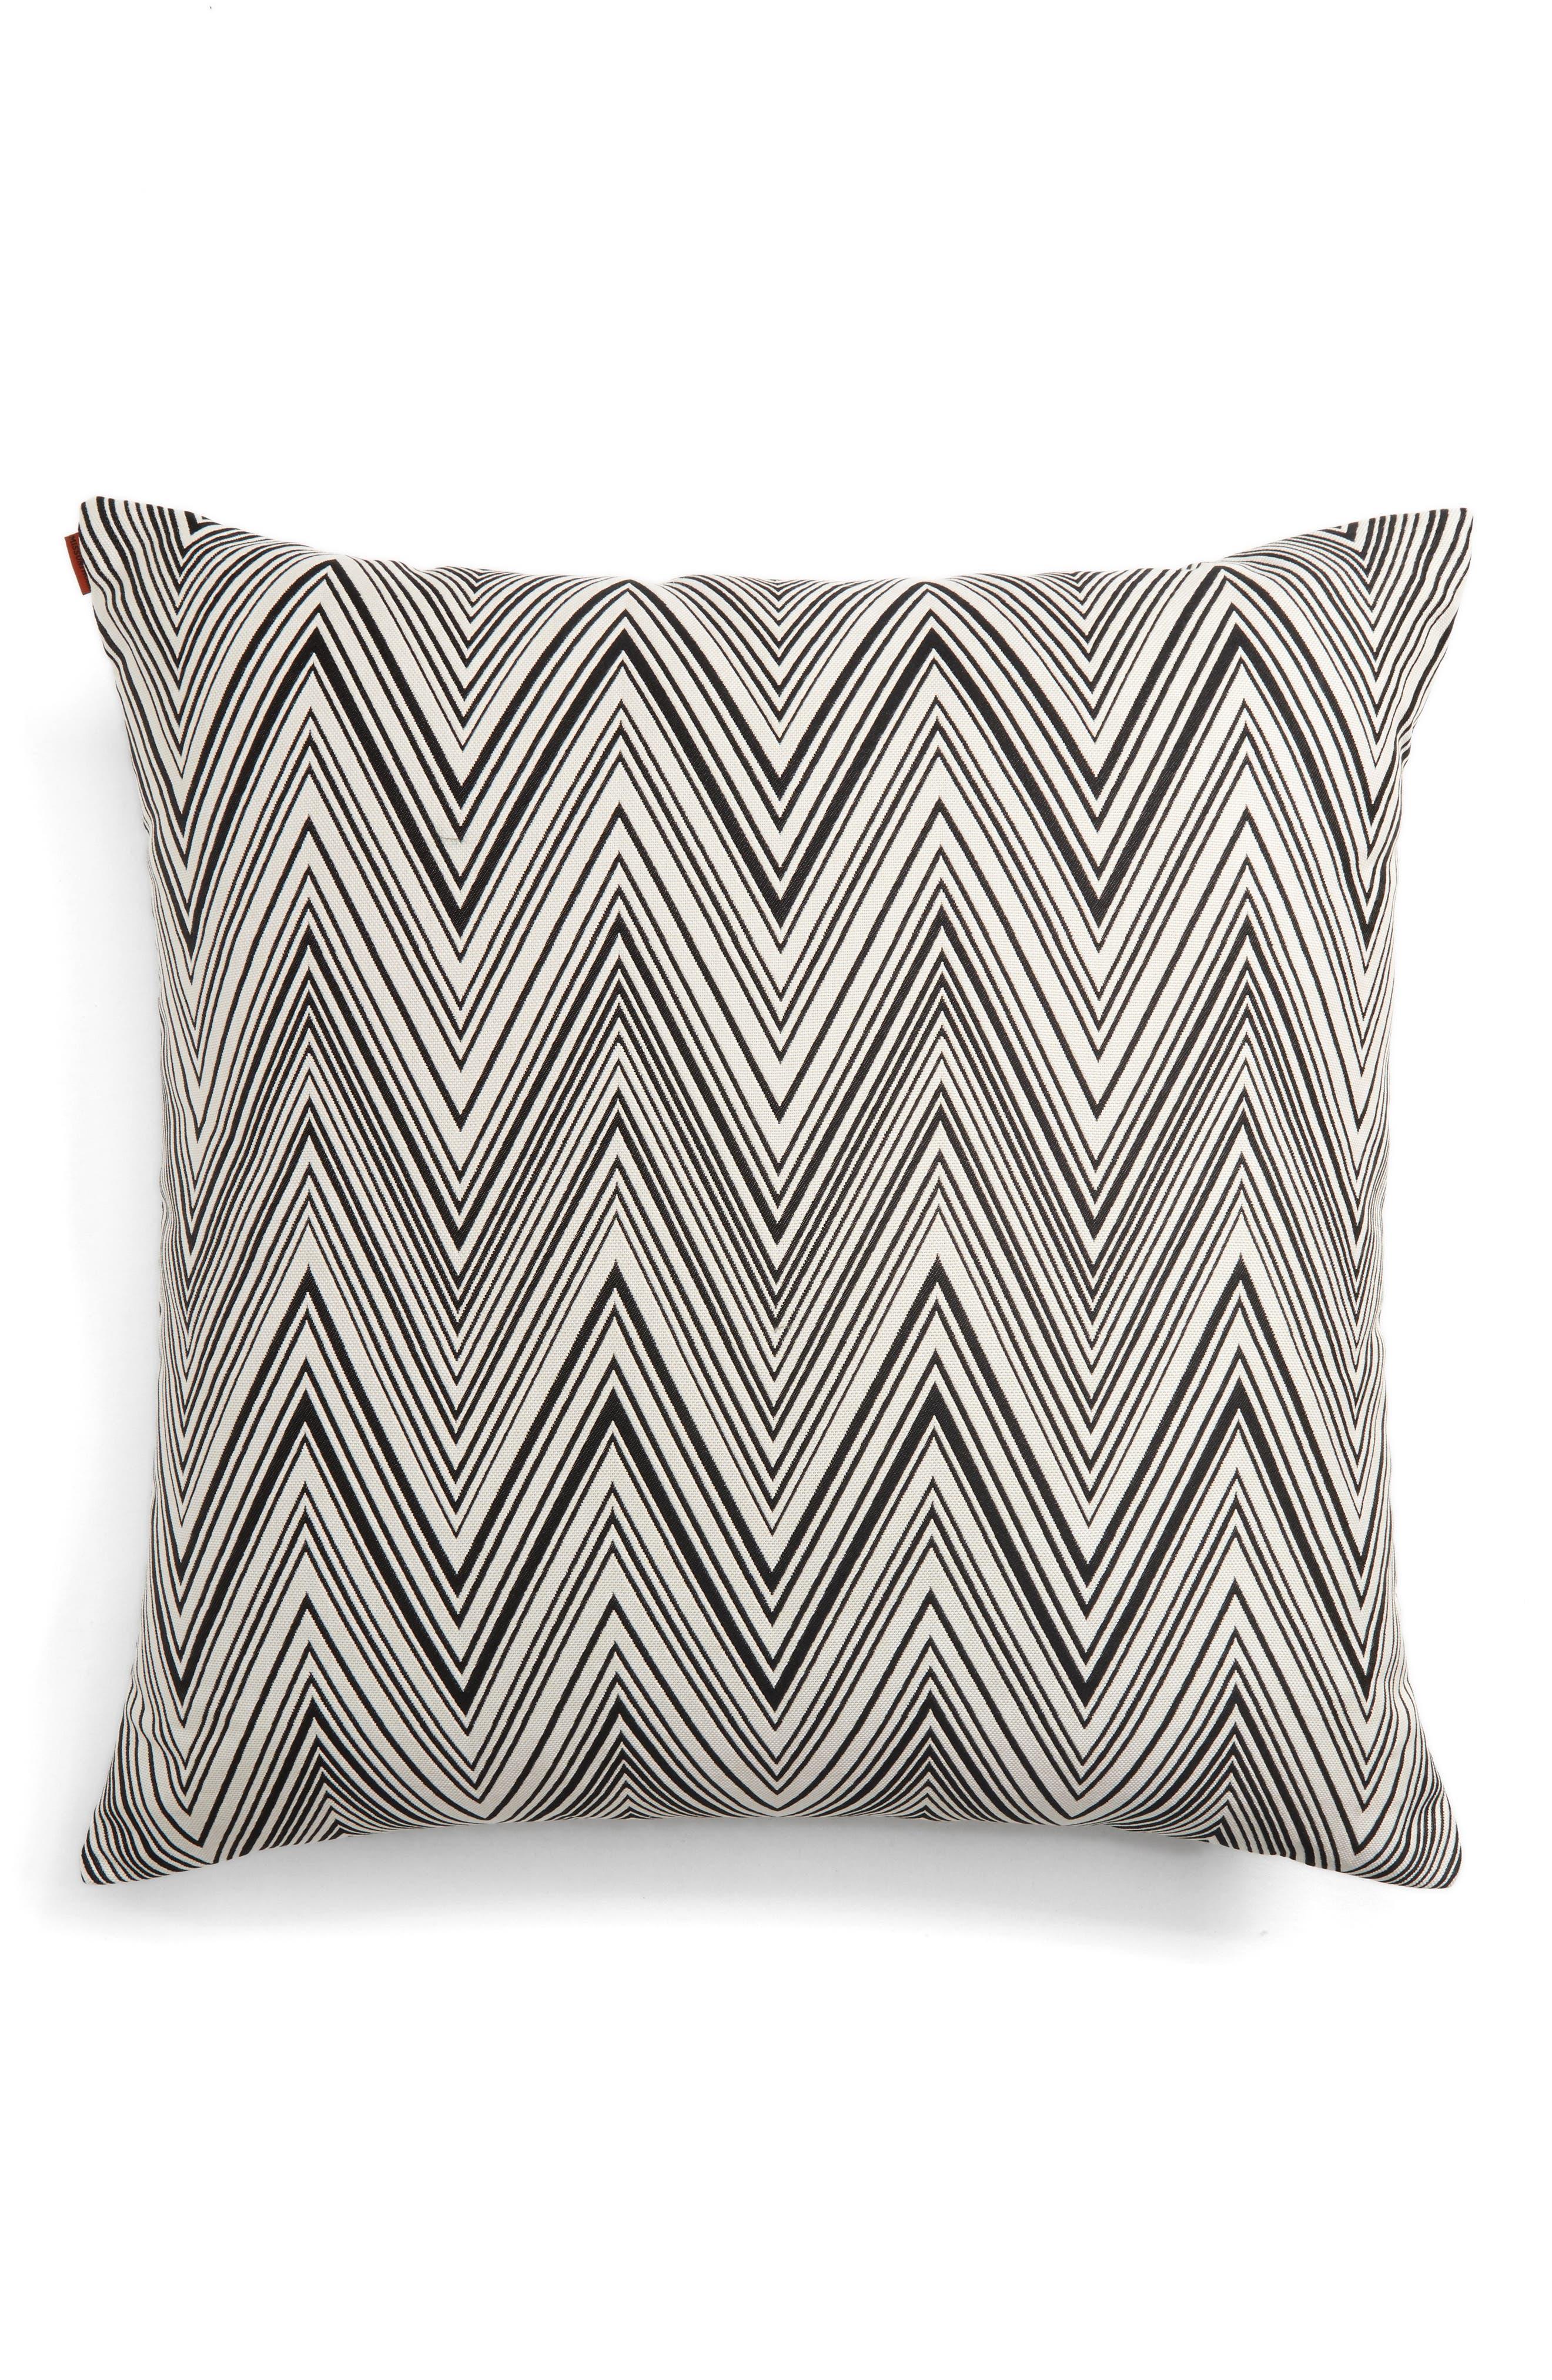 Chevron Accent Pillow,                         Main,                         color, 020